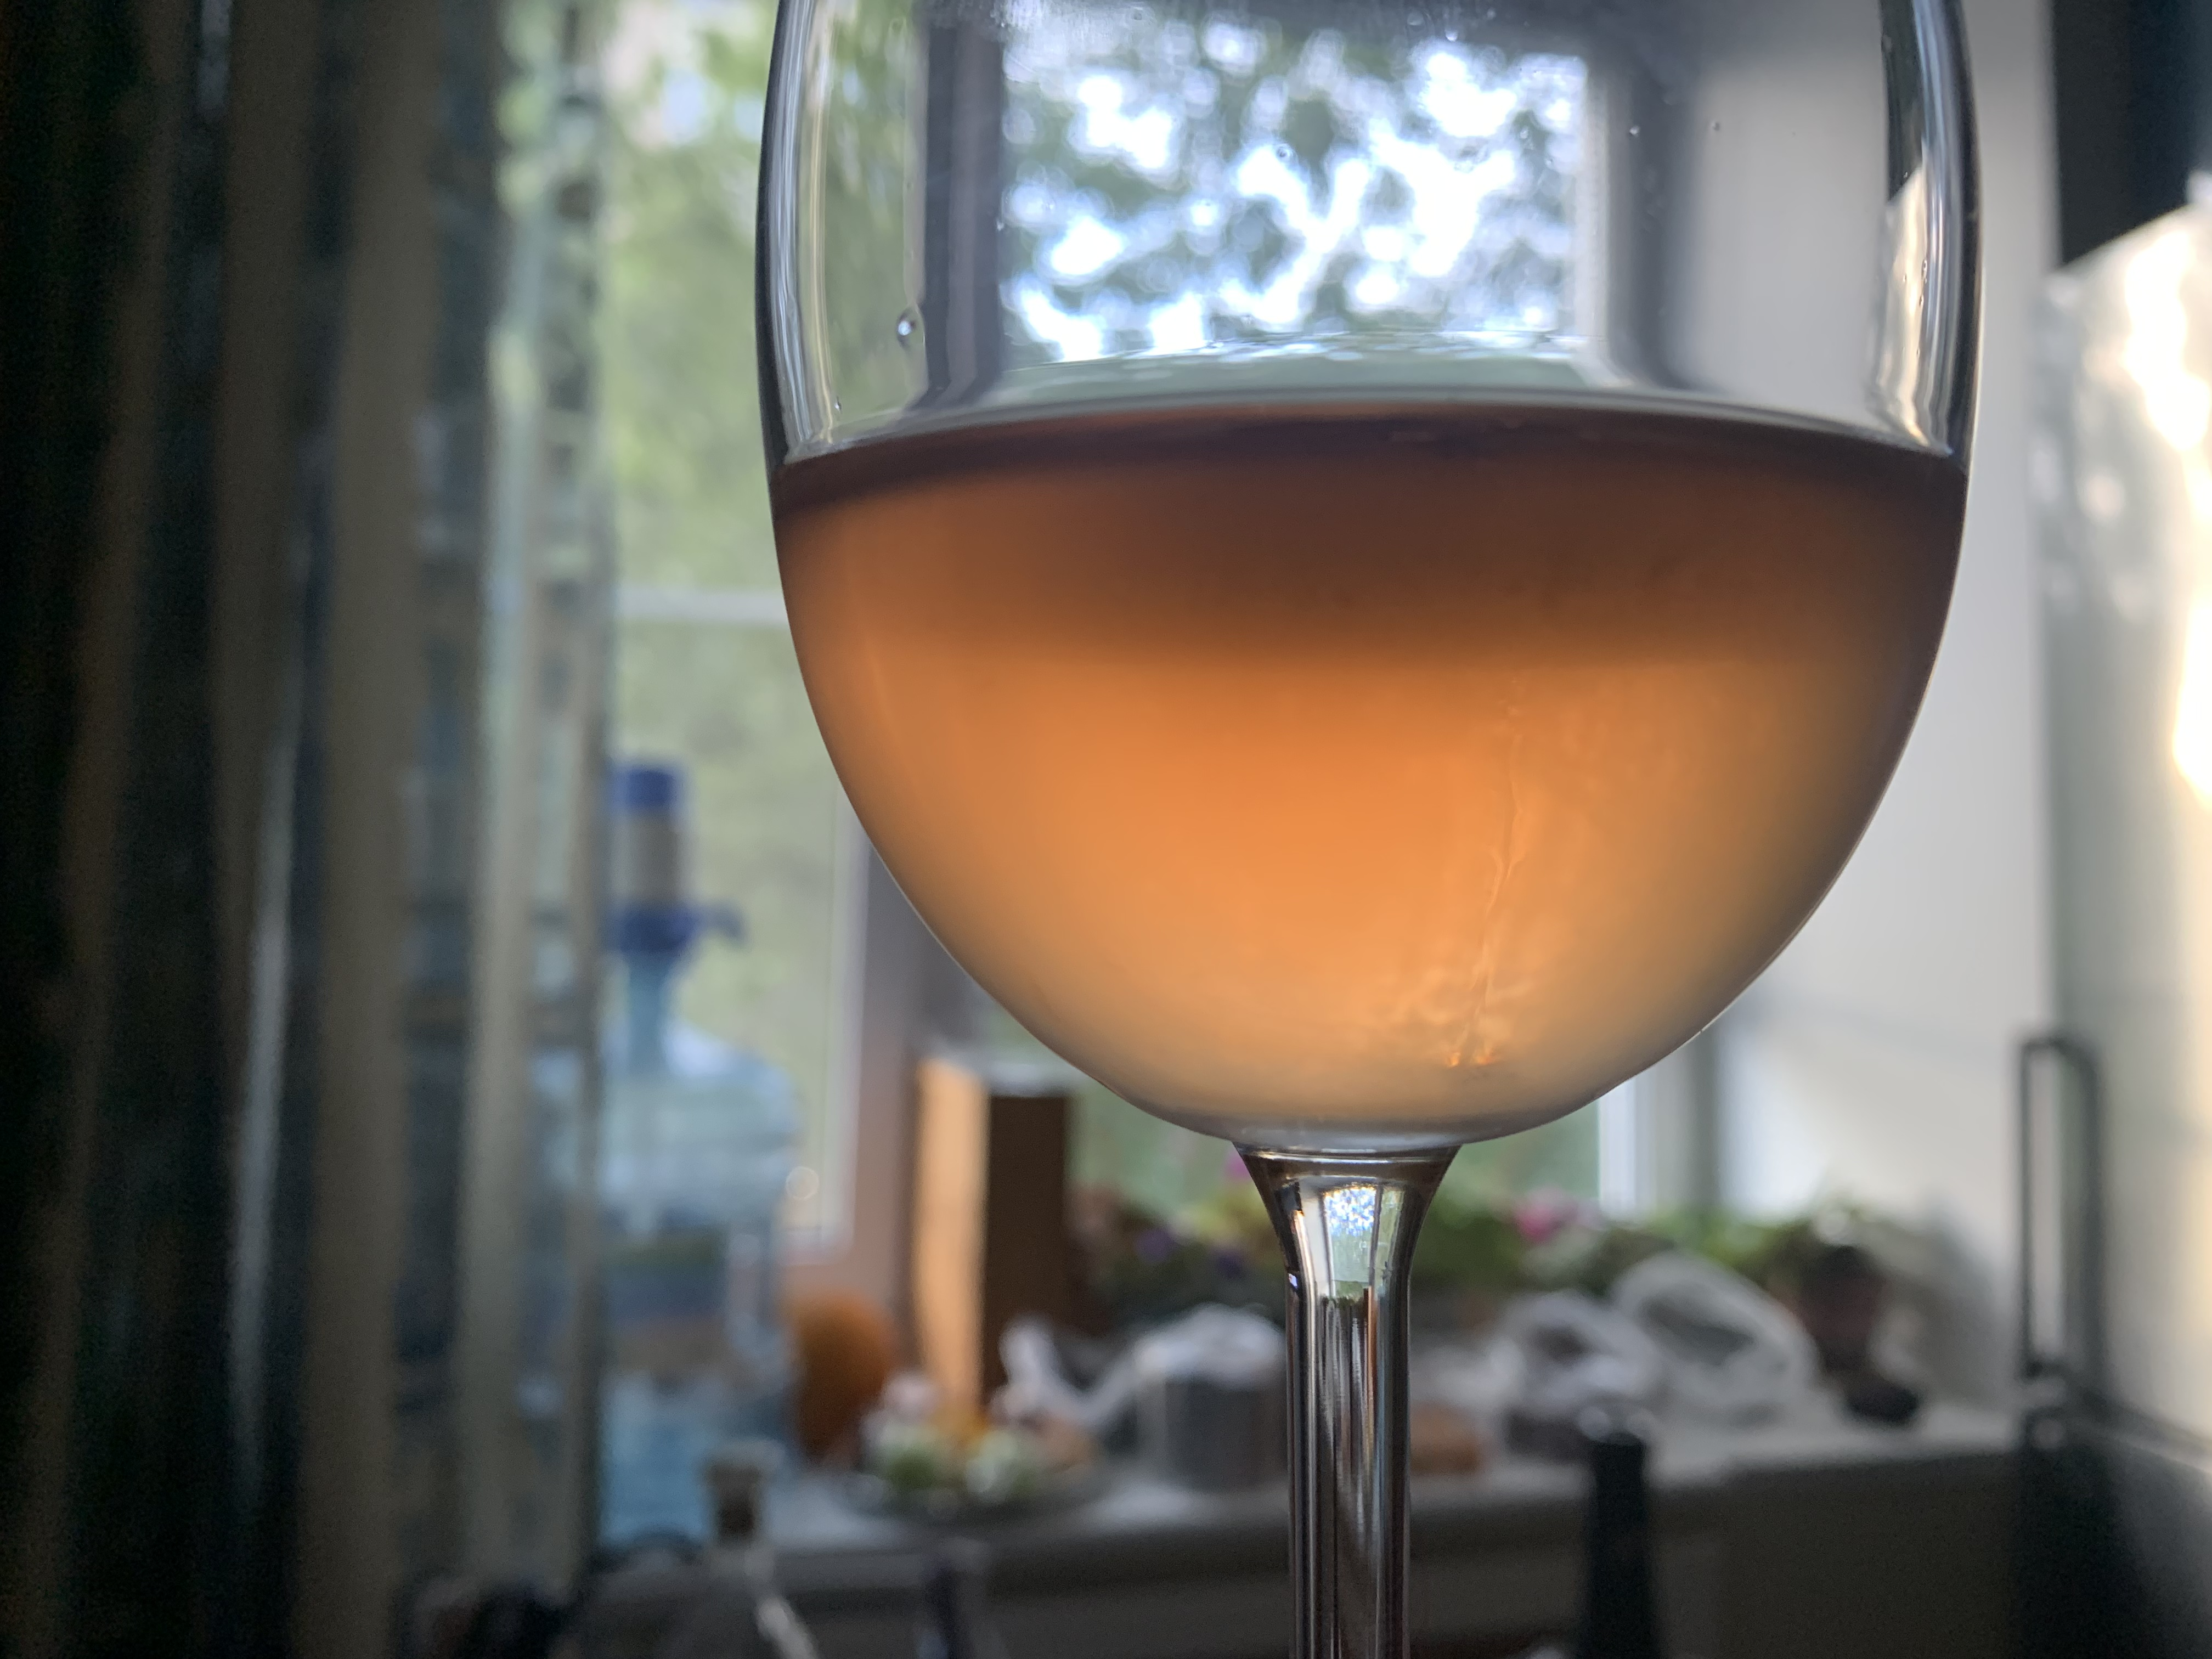 грузинское белое вино квеври qvevri хихви пейзажи природы Альберт Сафиуллин